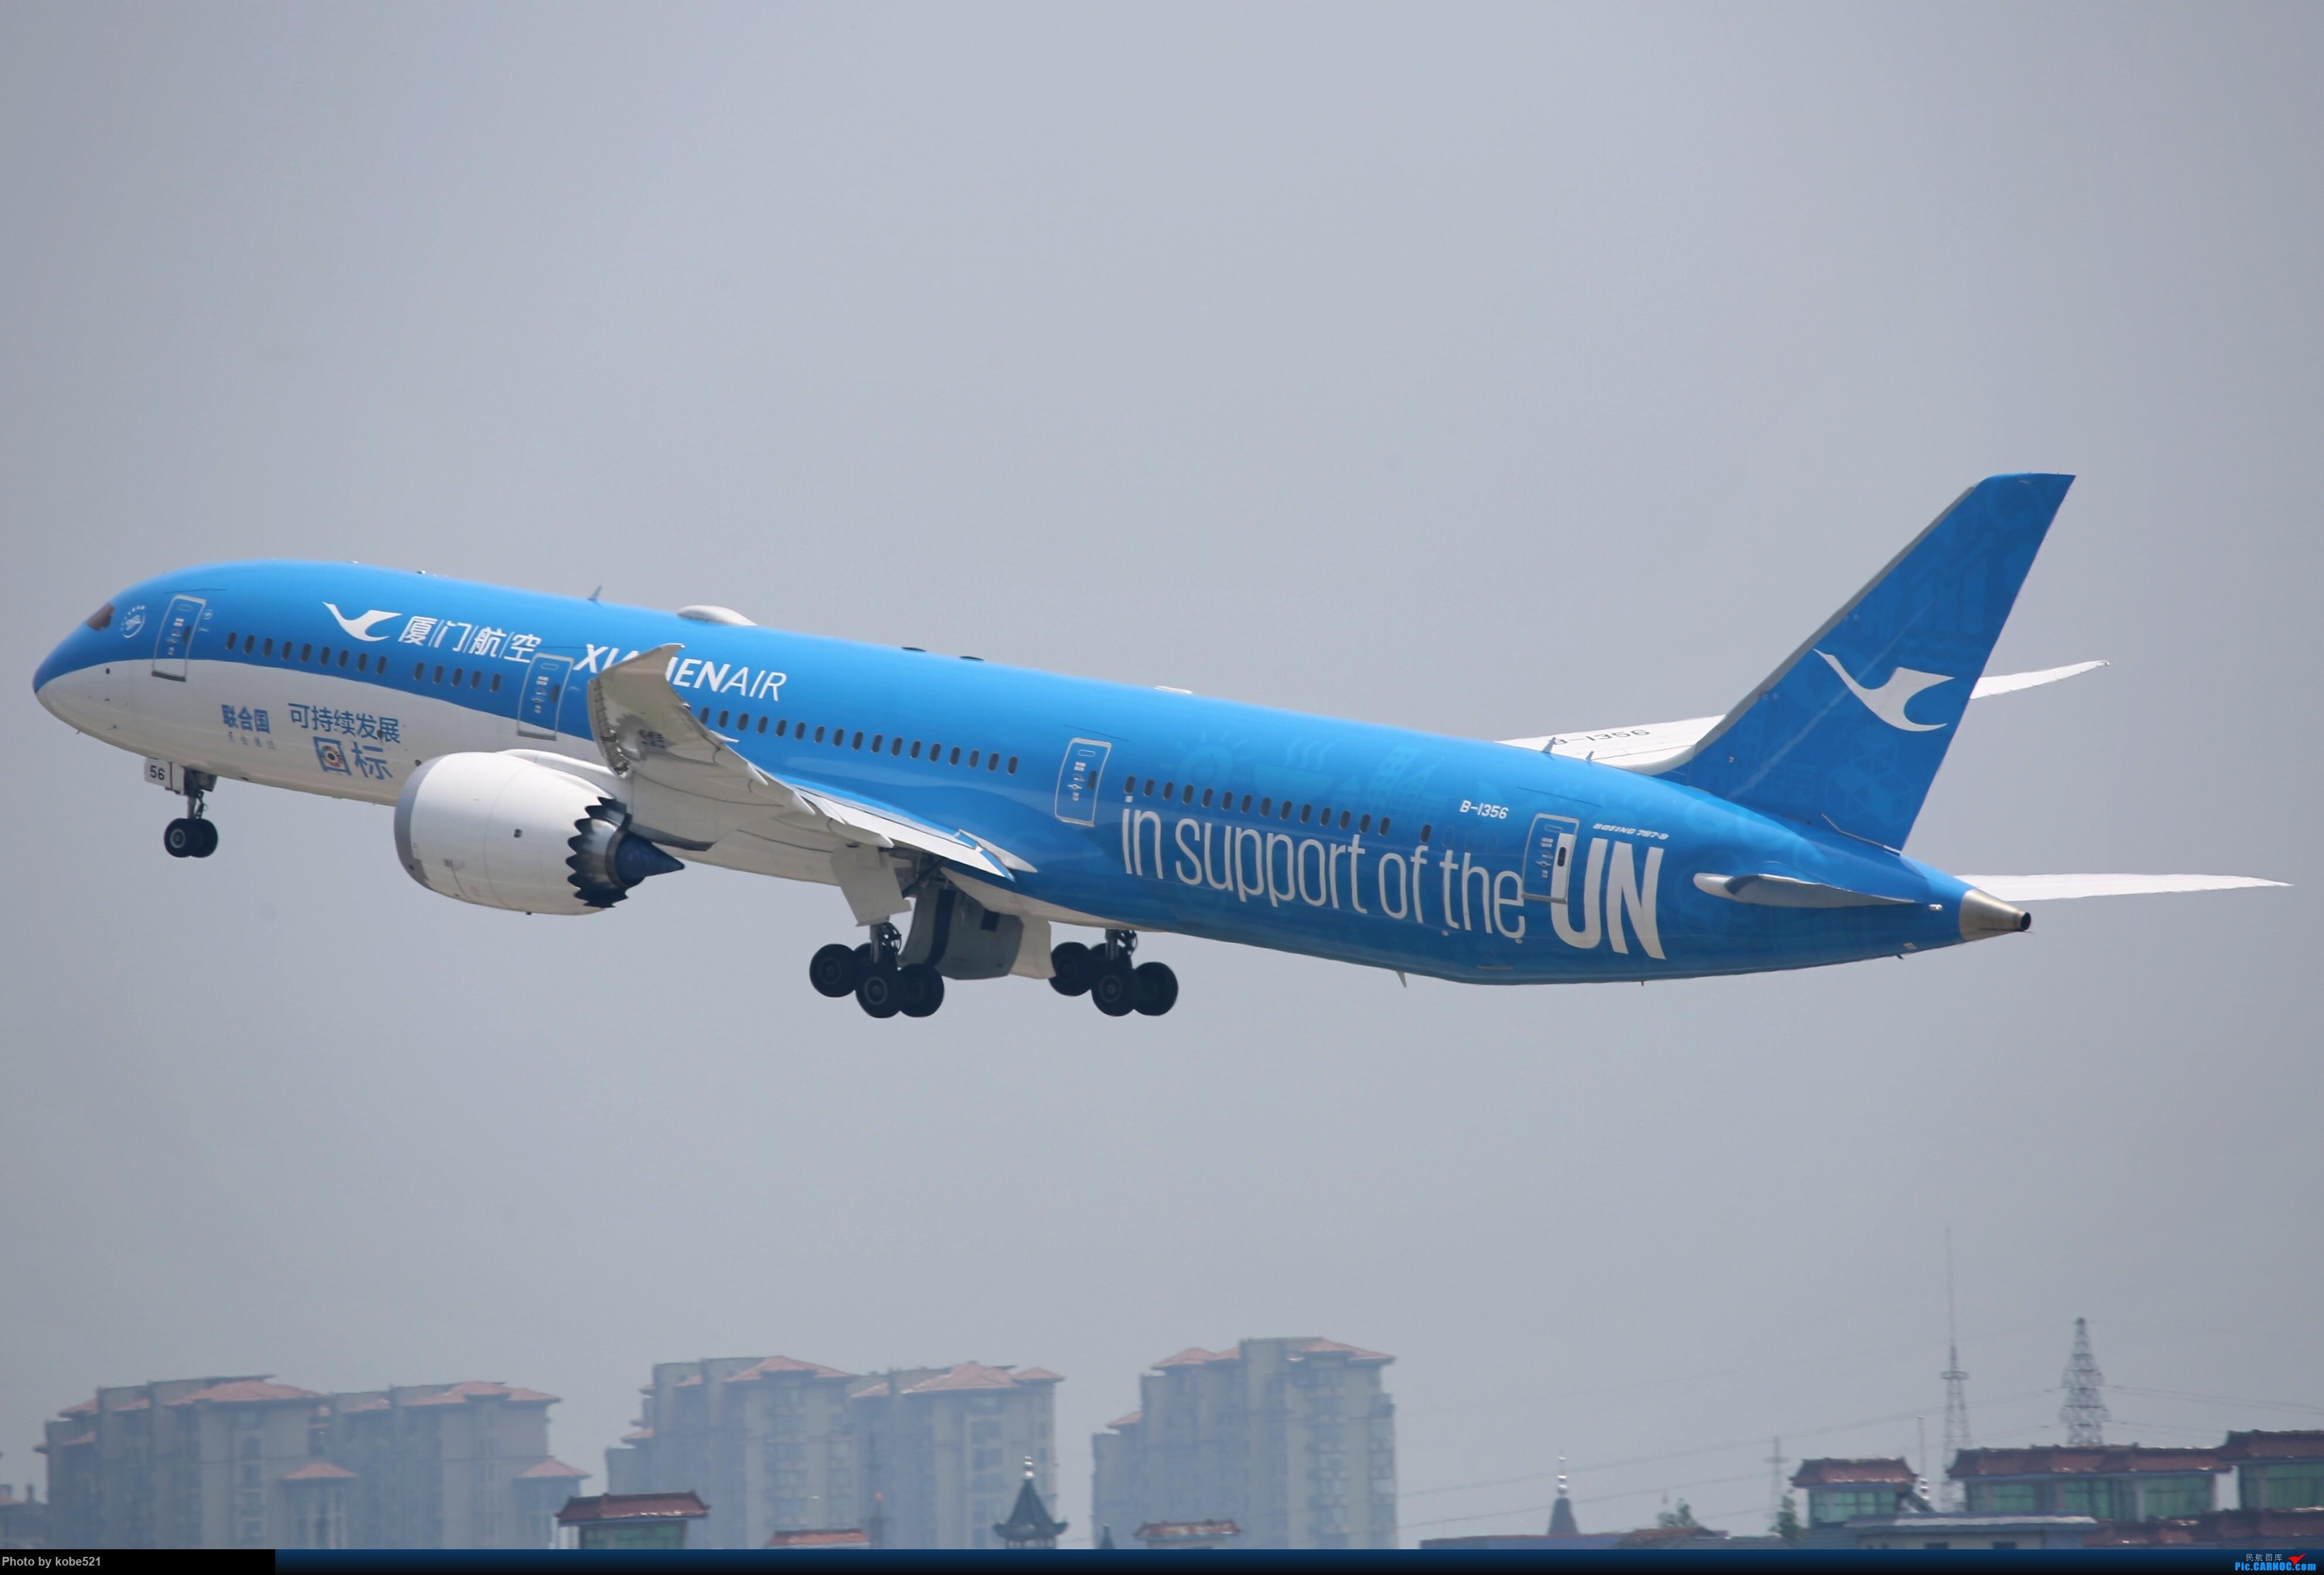 """Re:[原创]HGH今日主角厦航联合国""""可持续发展""""号 BOEING 787-9 B-1356 中国杭州萧山国际机场"""